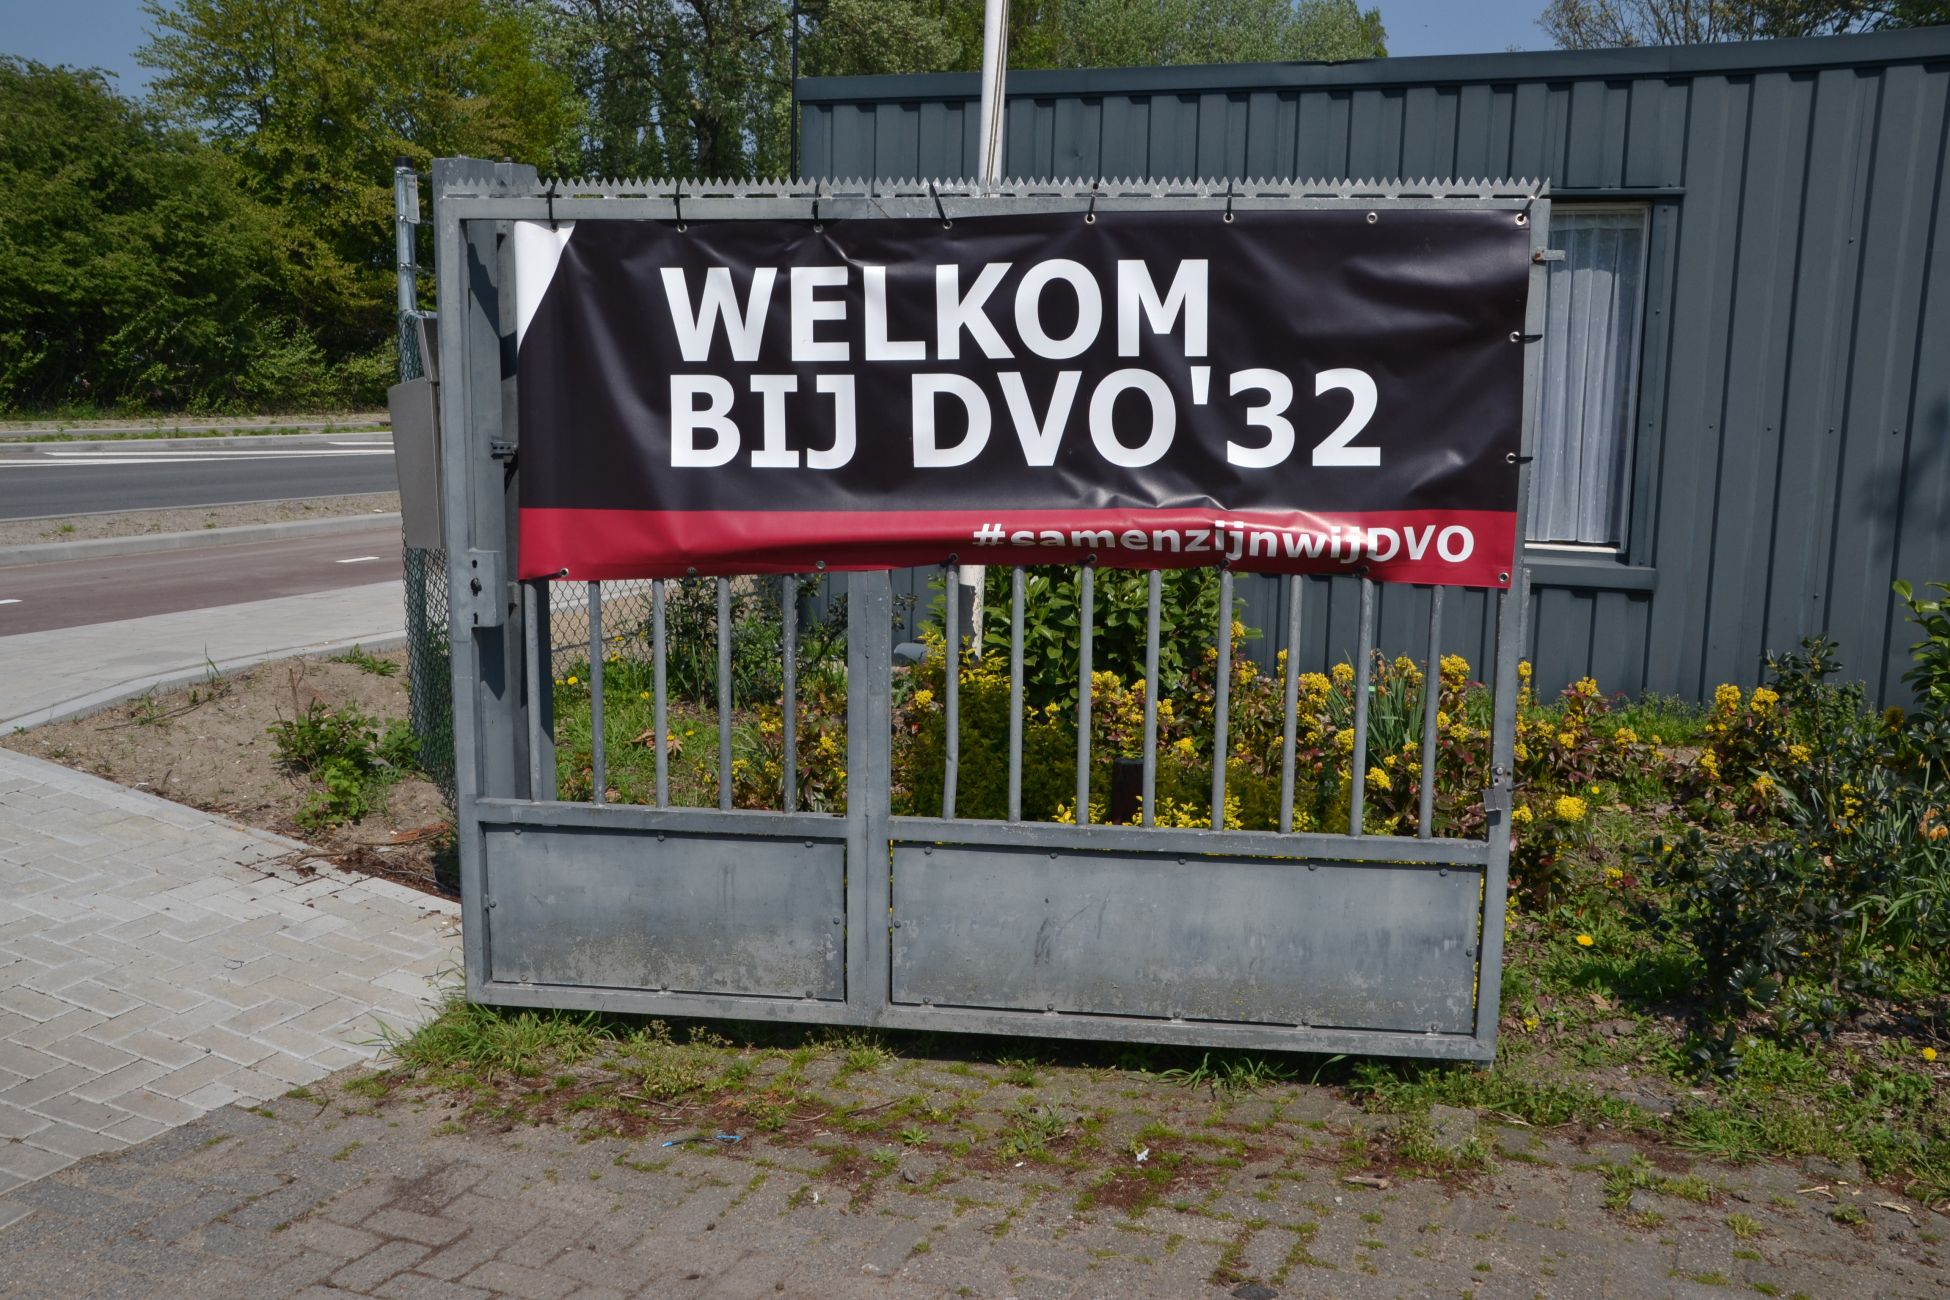 DVO'32 wint ruim van Lekkerkerk in oefenwedstrijd